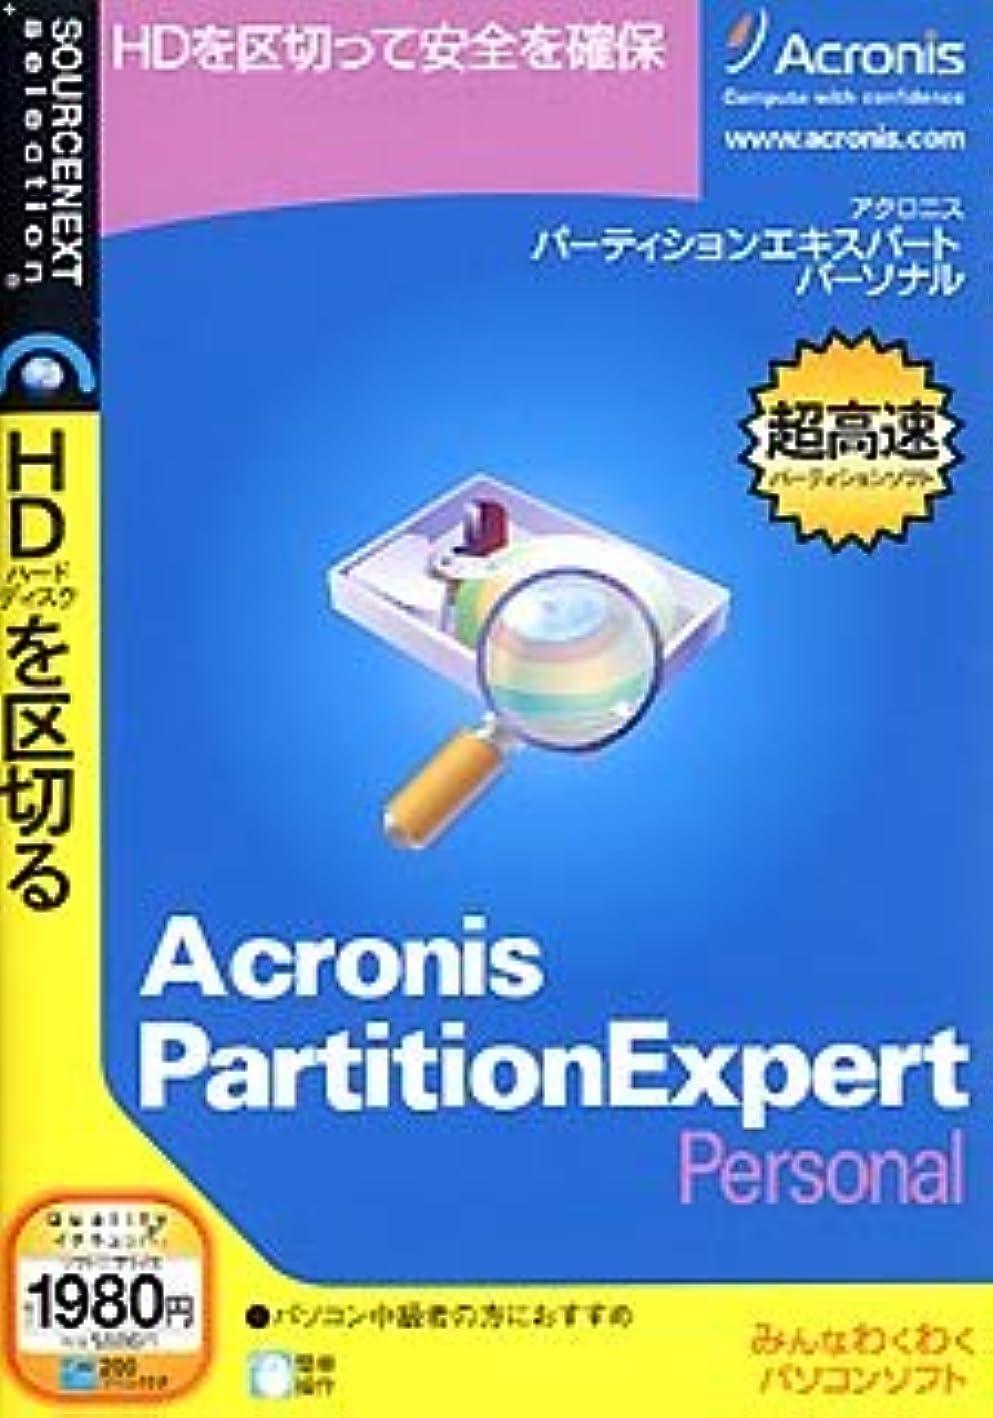 バルク解任ヘッジAcronis PartitionExpert Personal (スリムパッケージ版)